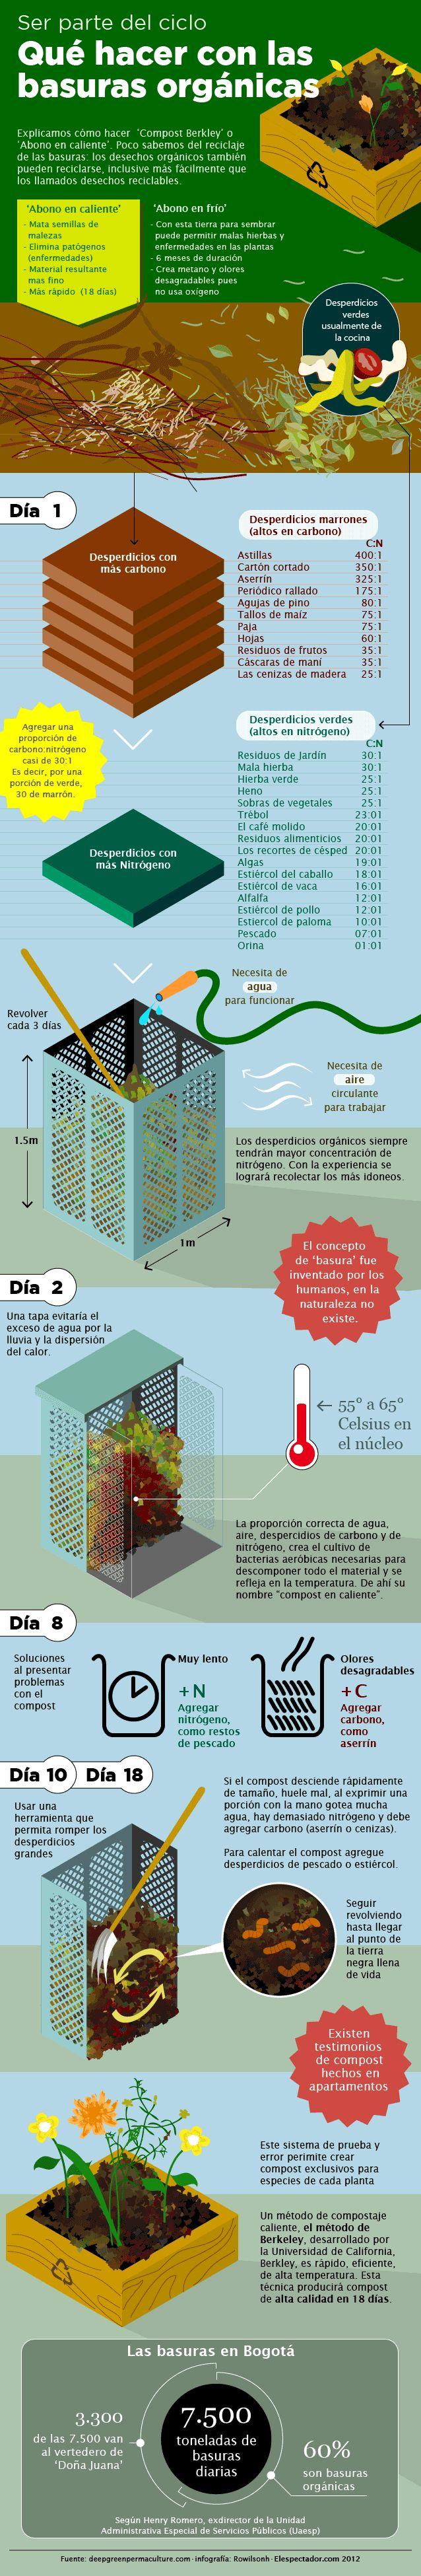 Cómo reutilizar la basura orgánica #infografia #medioambiente